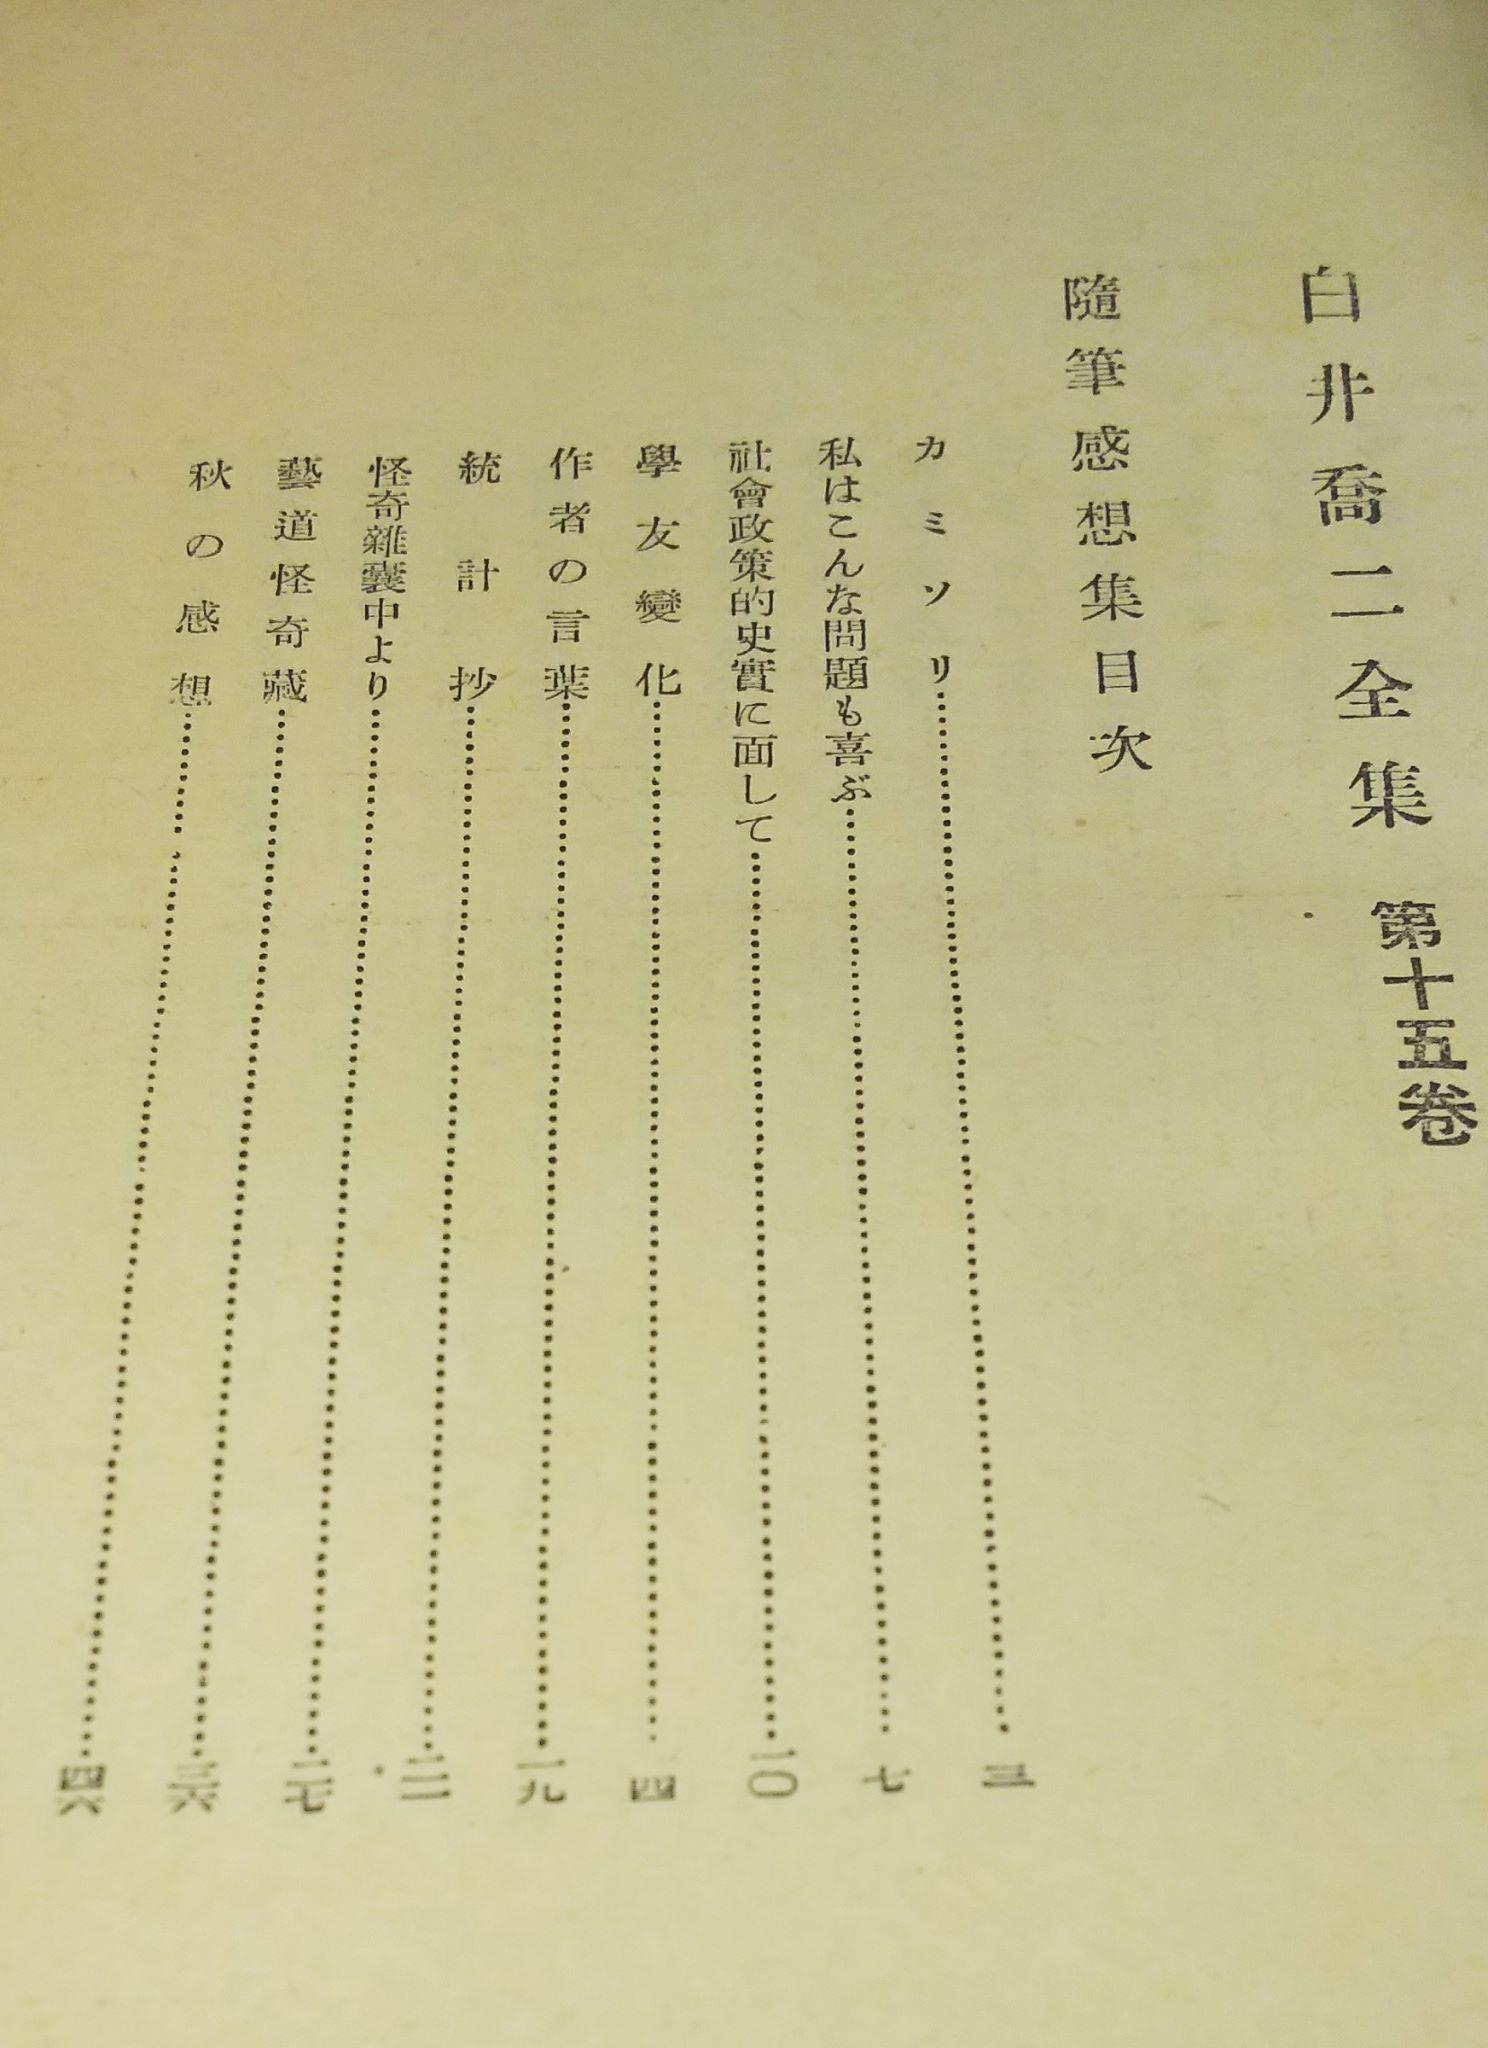 白井喬二の「随筆感想集」(平凡社の全集の第15巻収録)